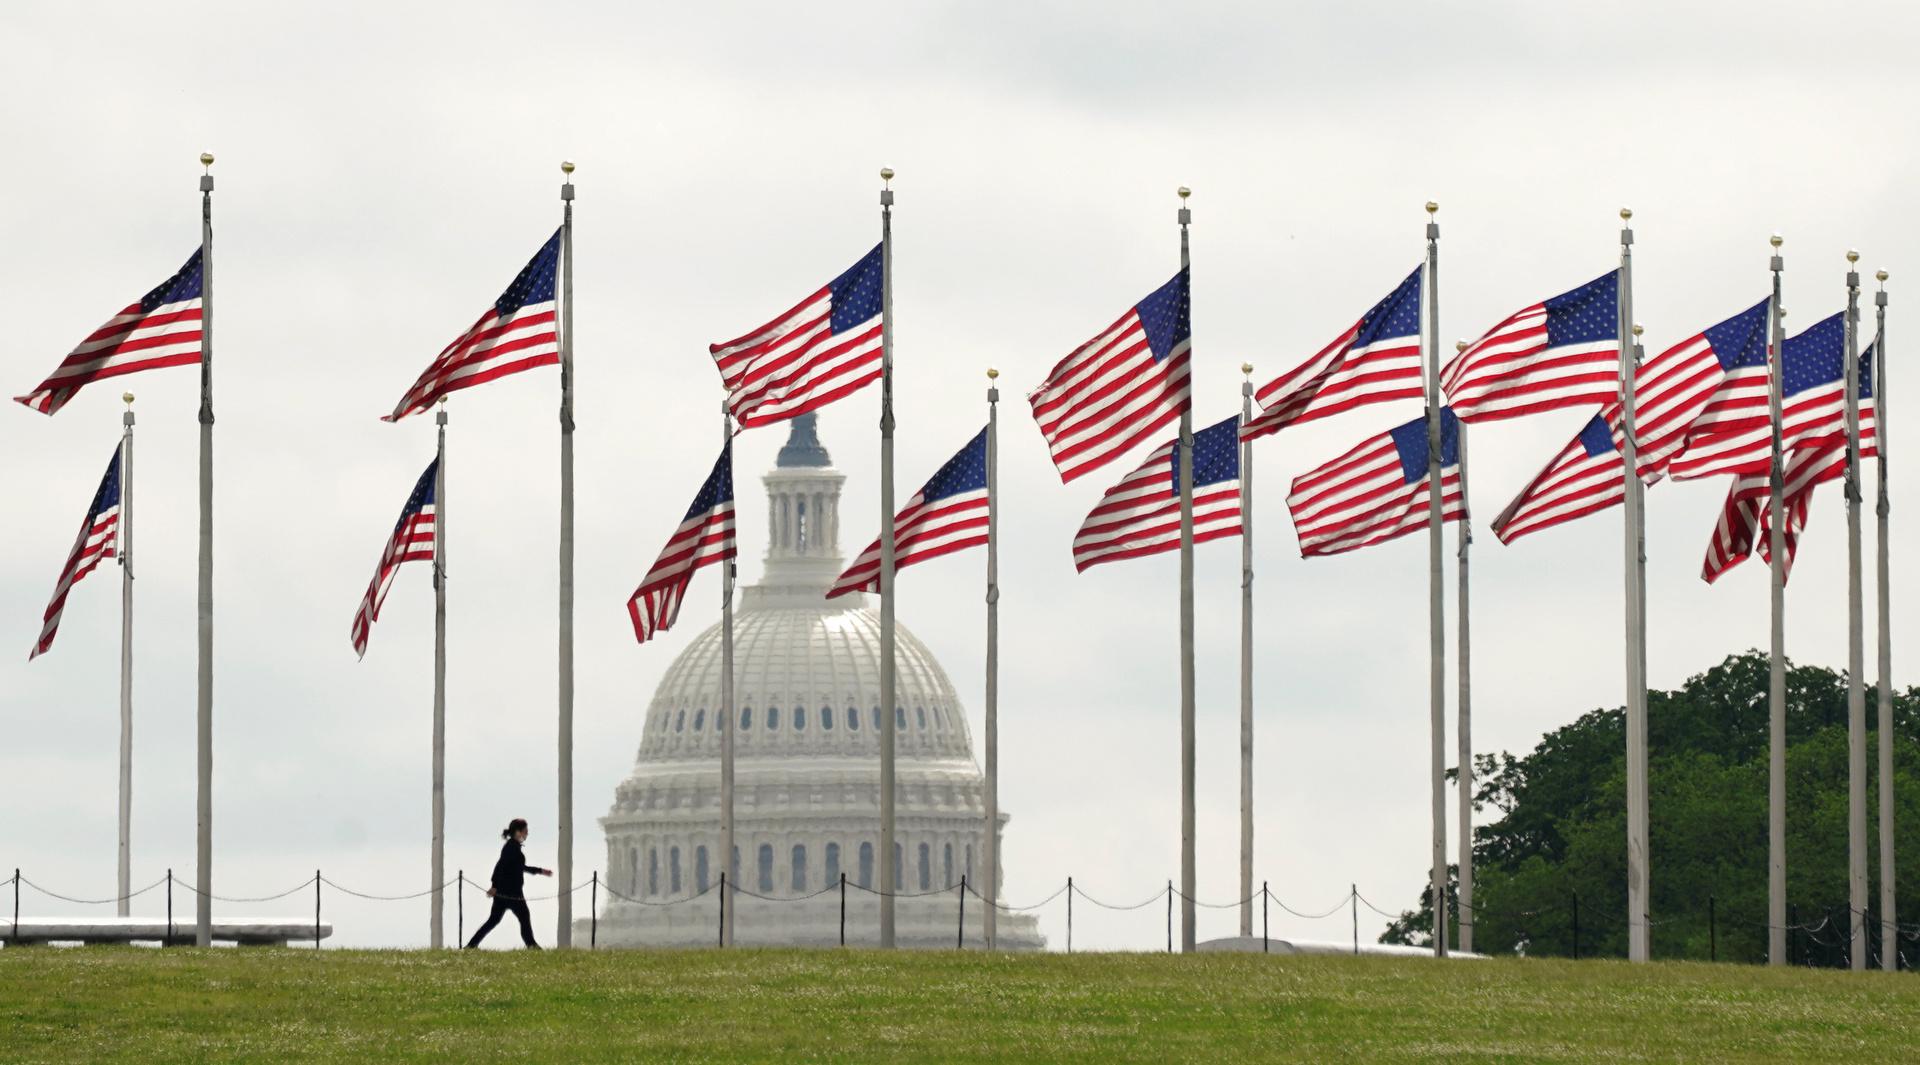 واشنطن تعلن بدء رفع قيود العزل العام اعتبارا من الجمعة